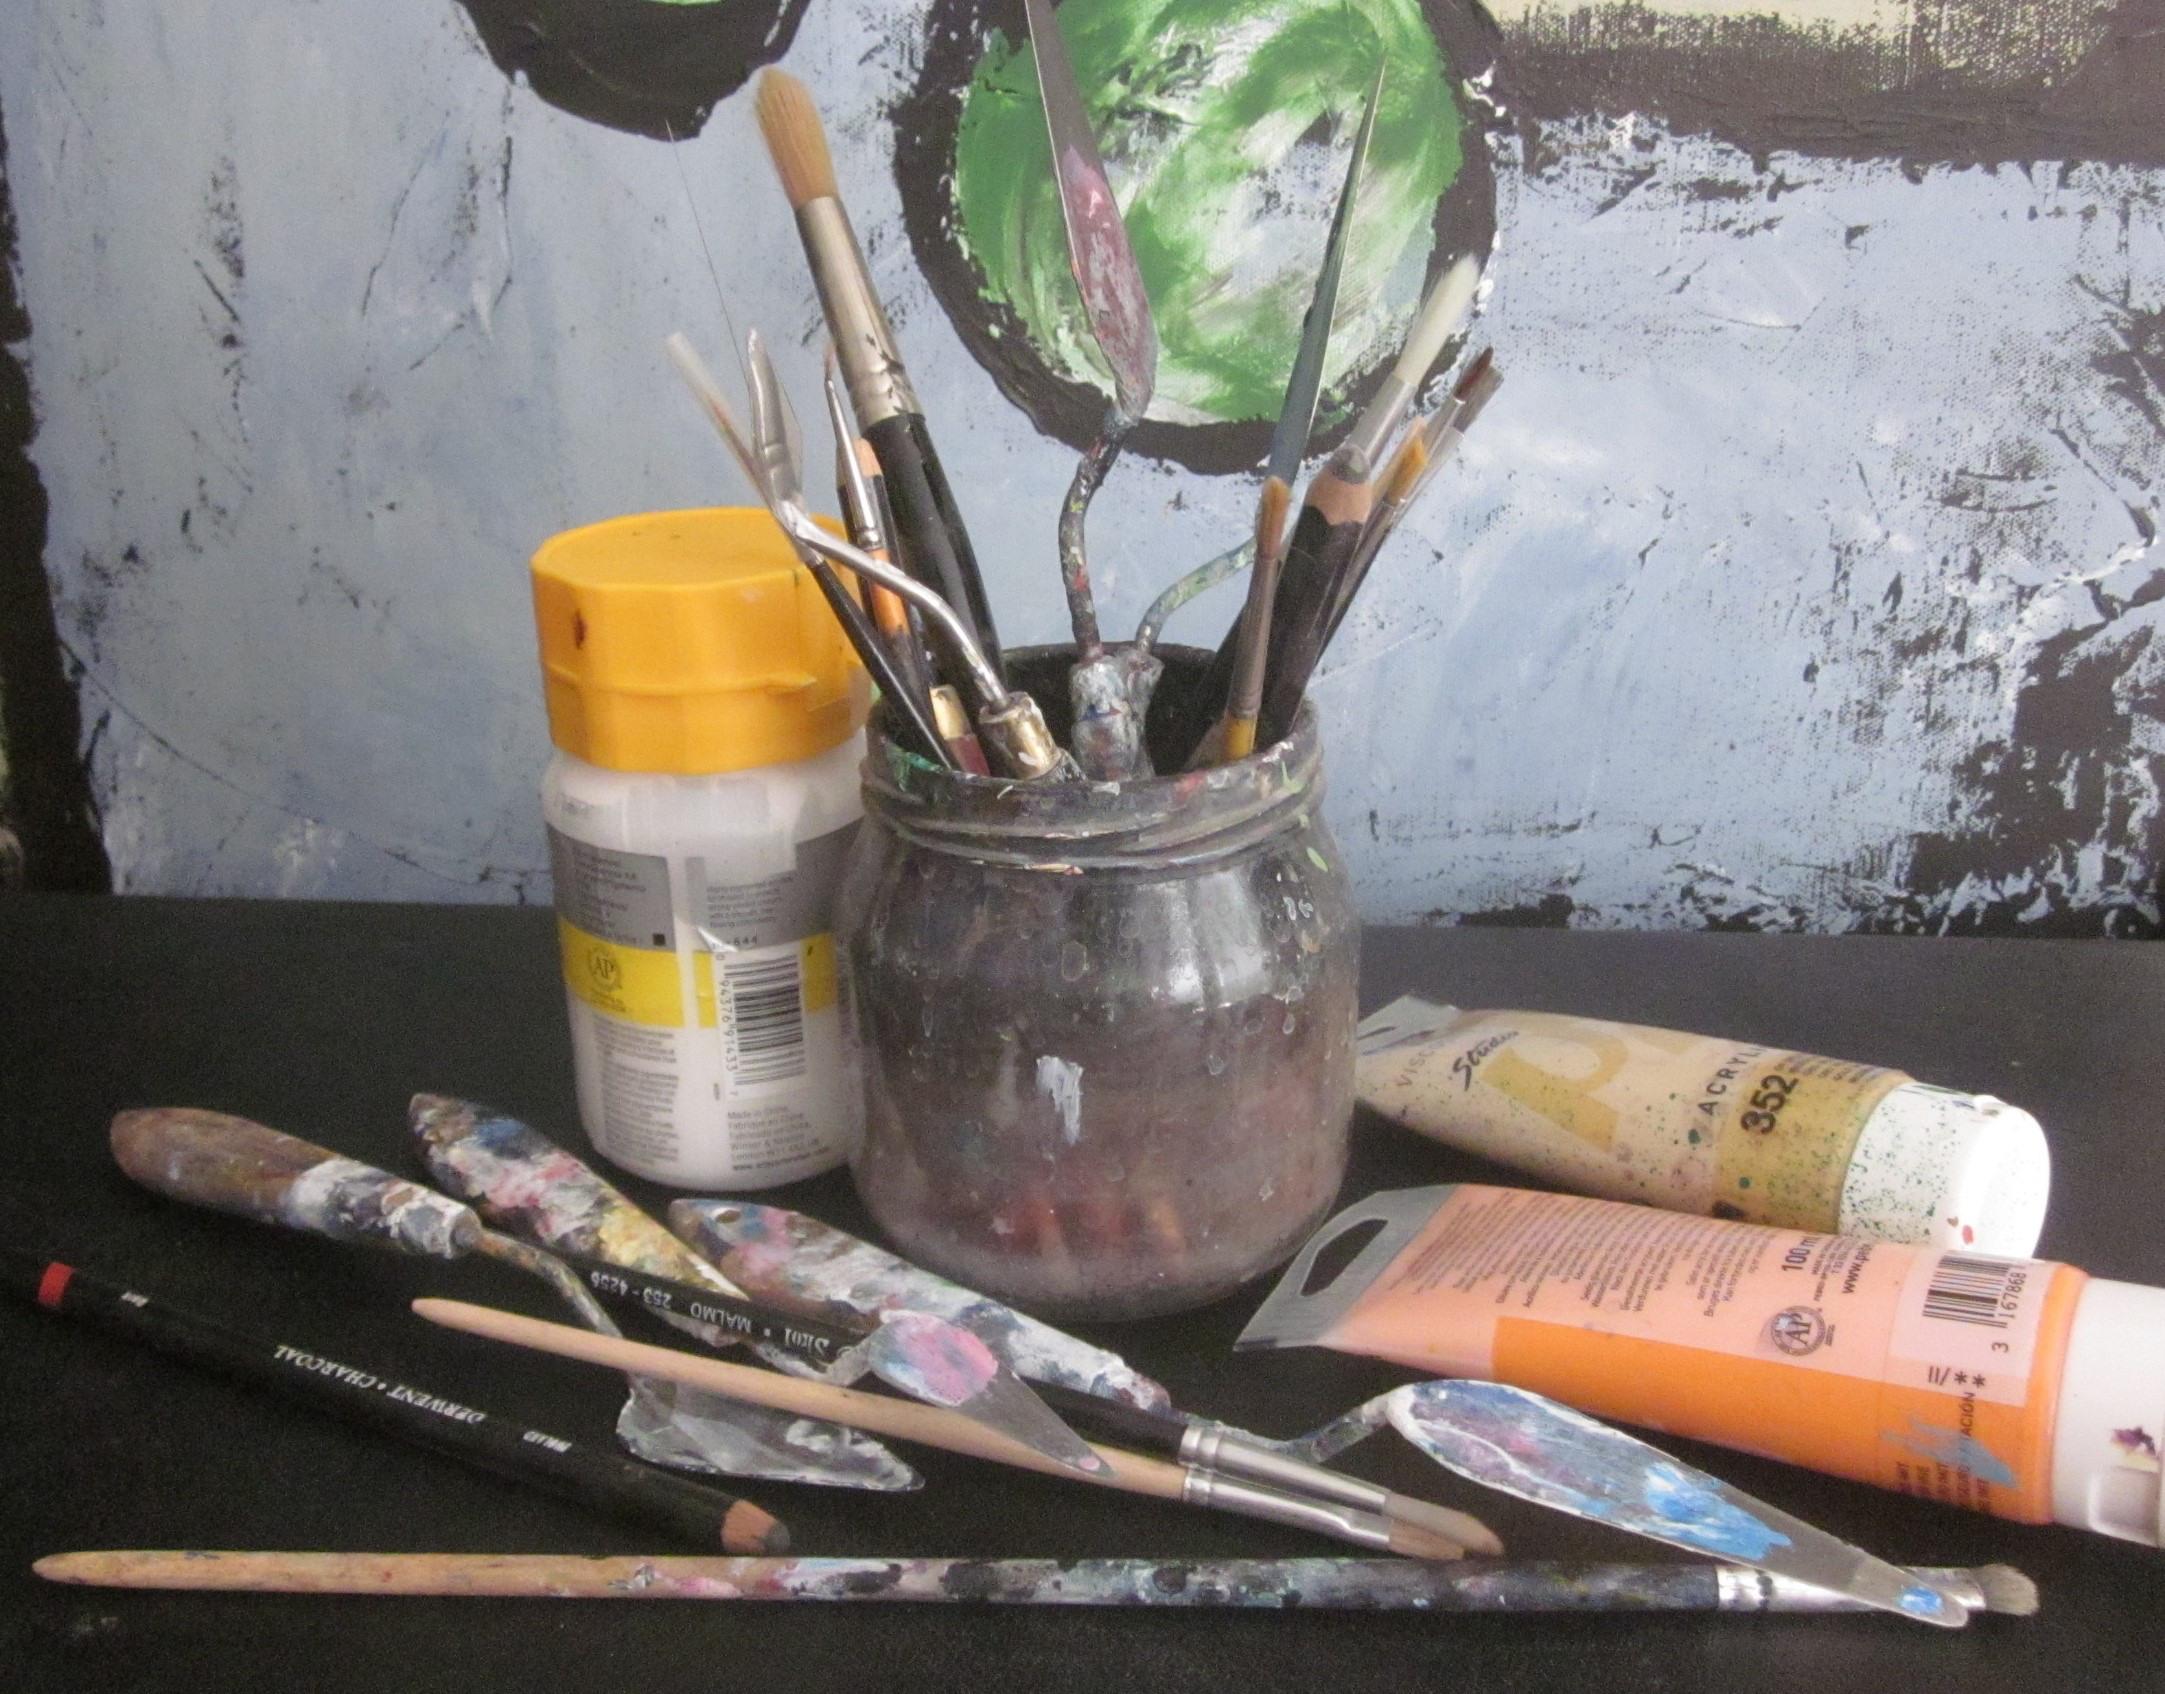 Helgkurs Keramik del 1 Nyhet